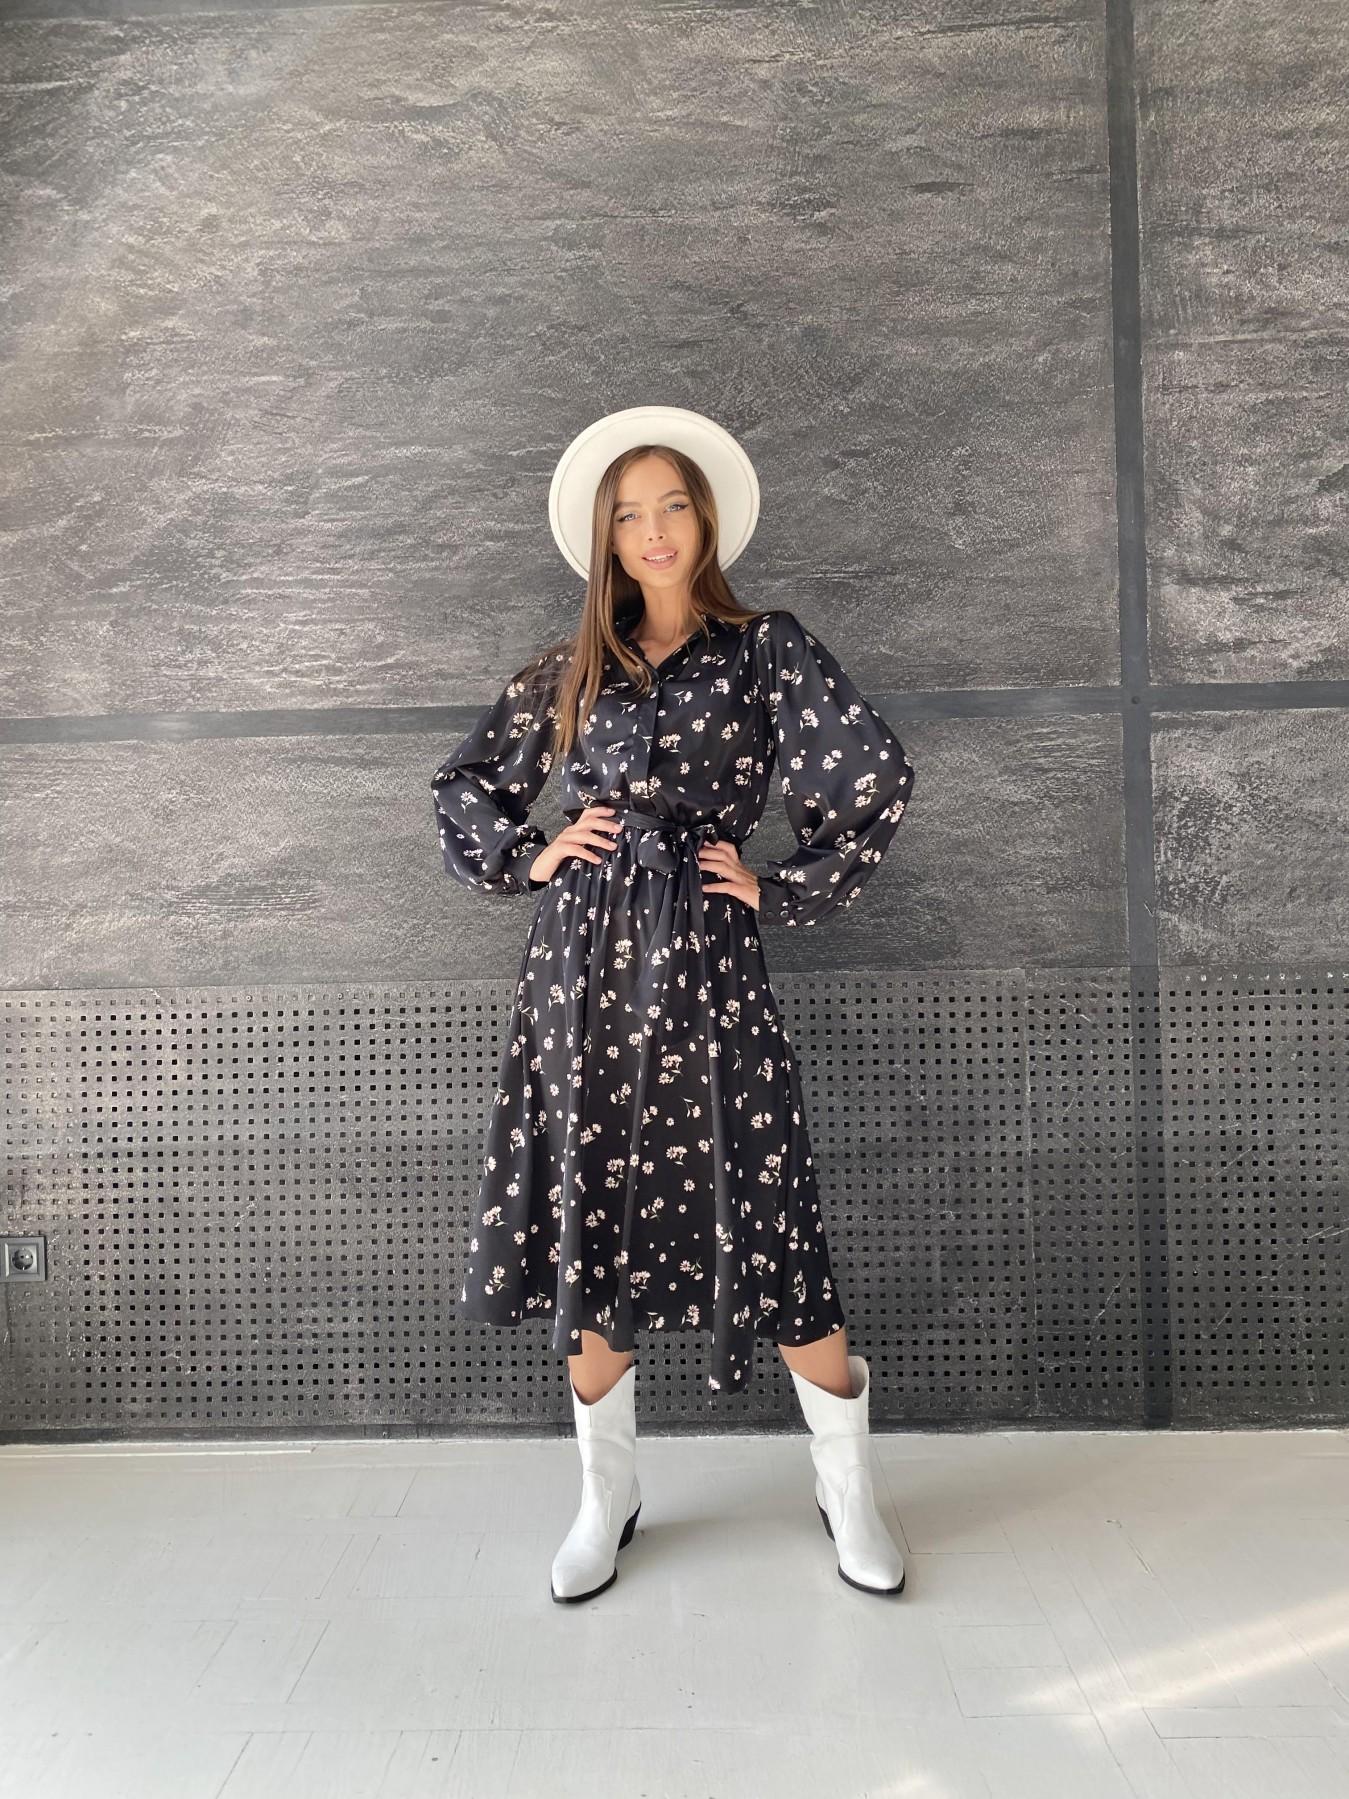 Купить платье оптом Украина Modus Жасмин д/р шелк принт платье 11716